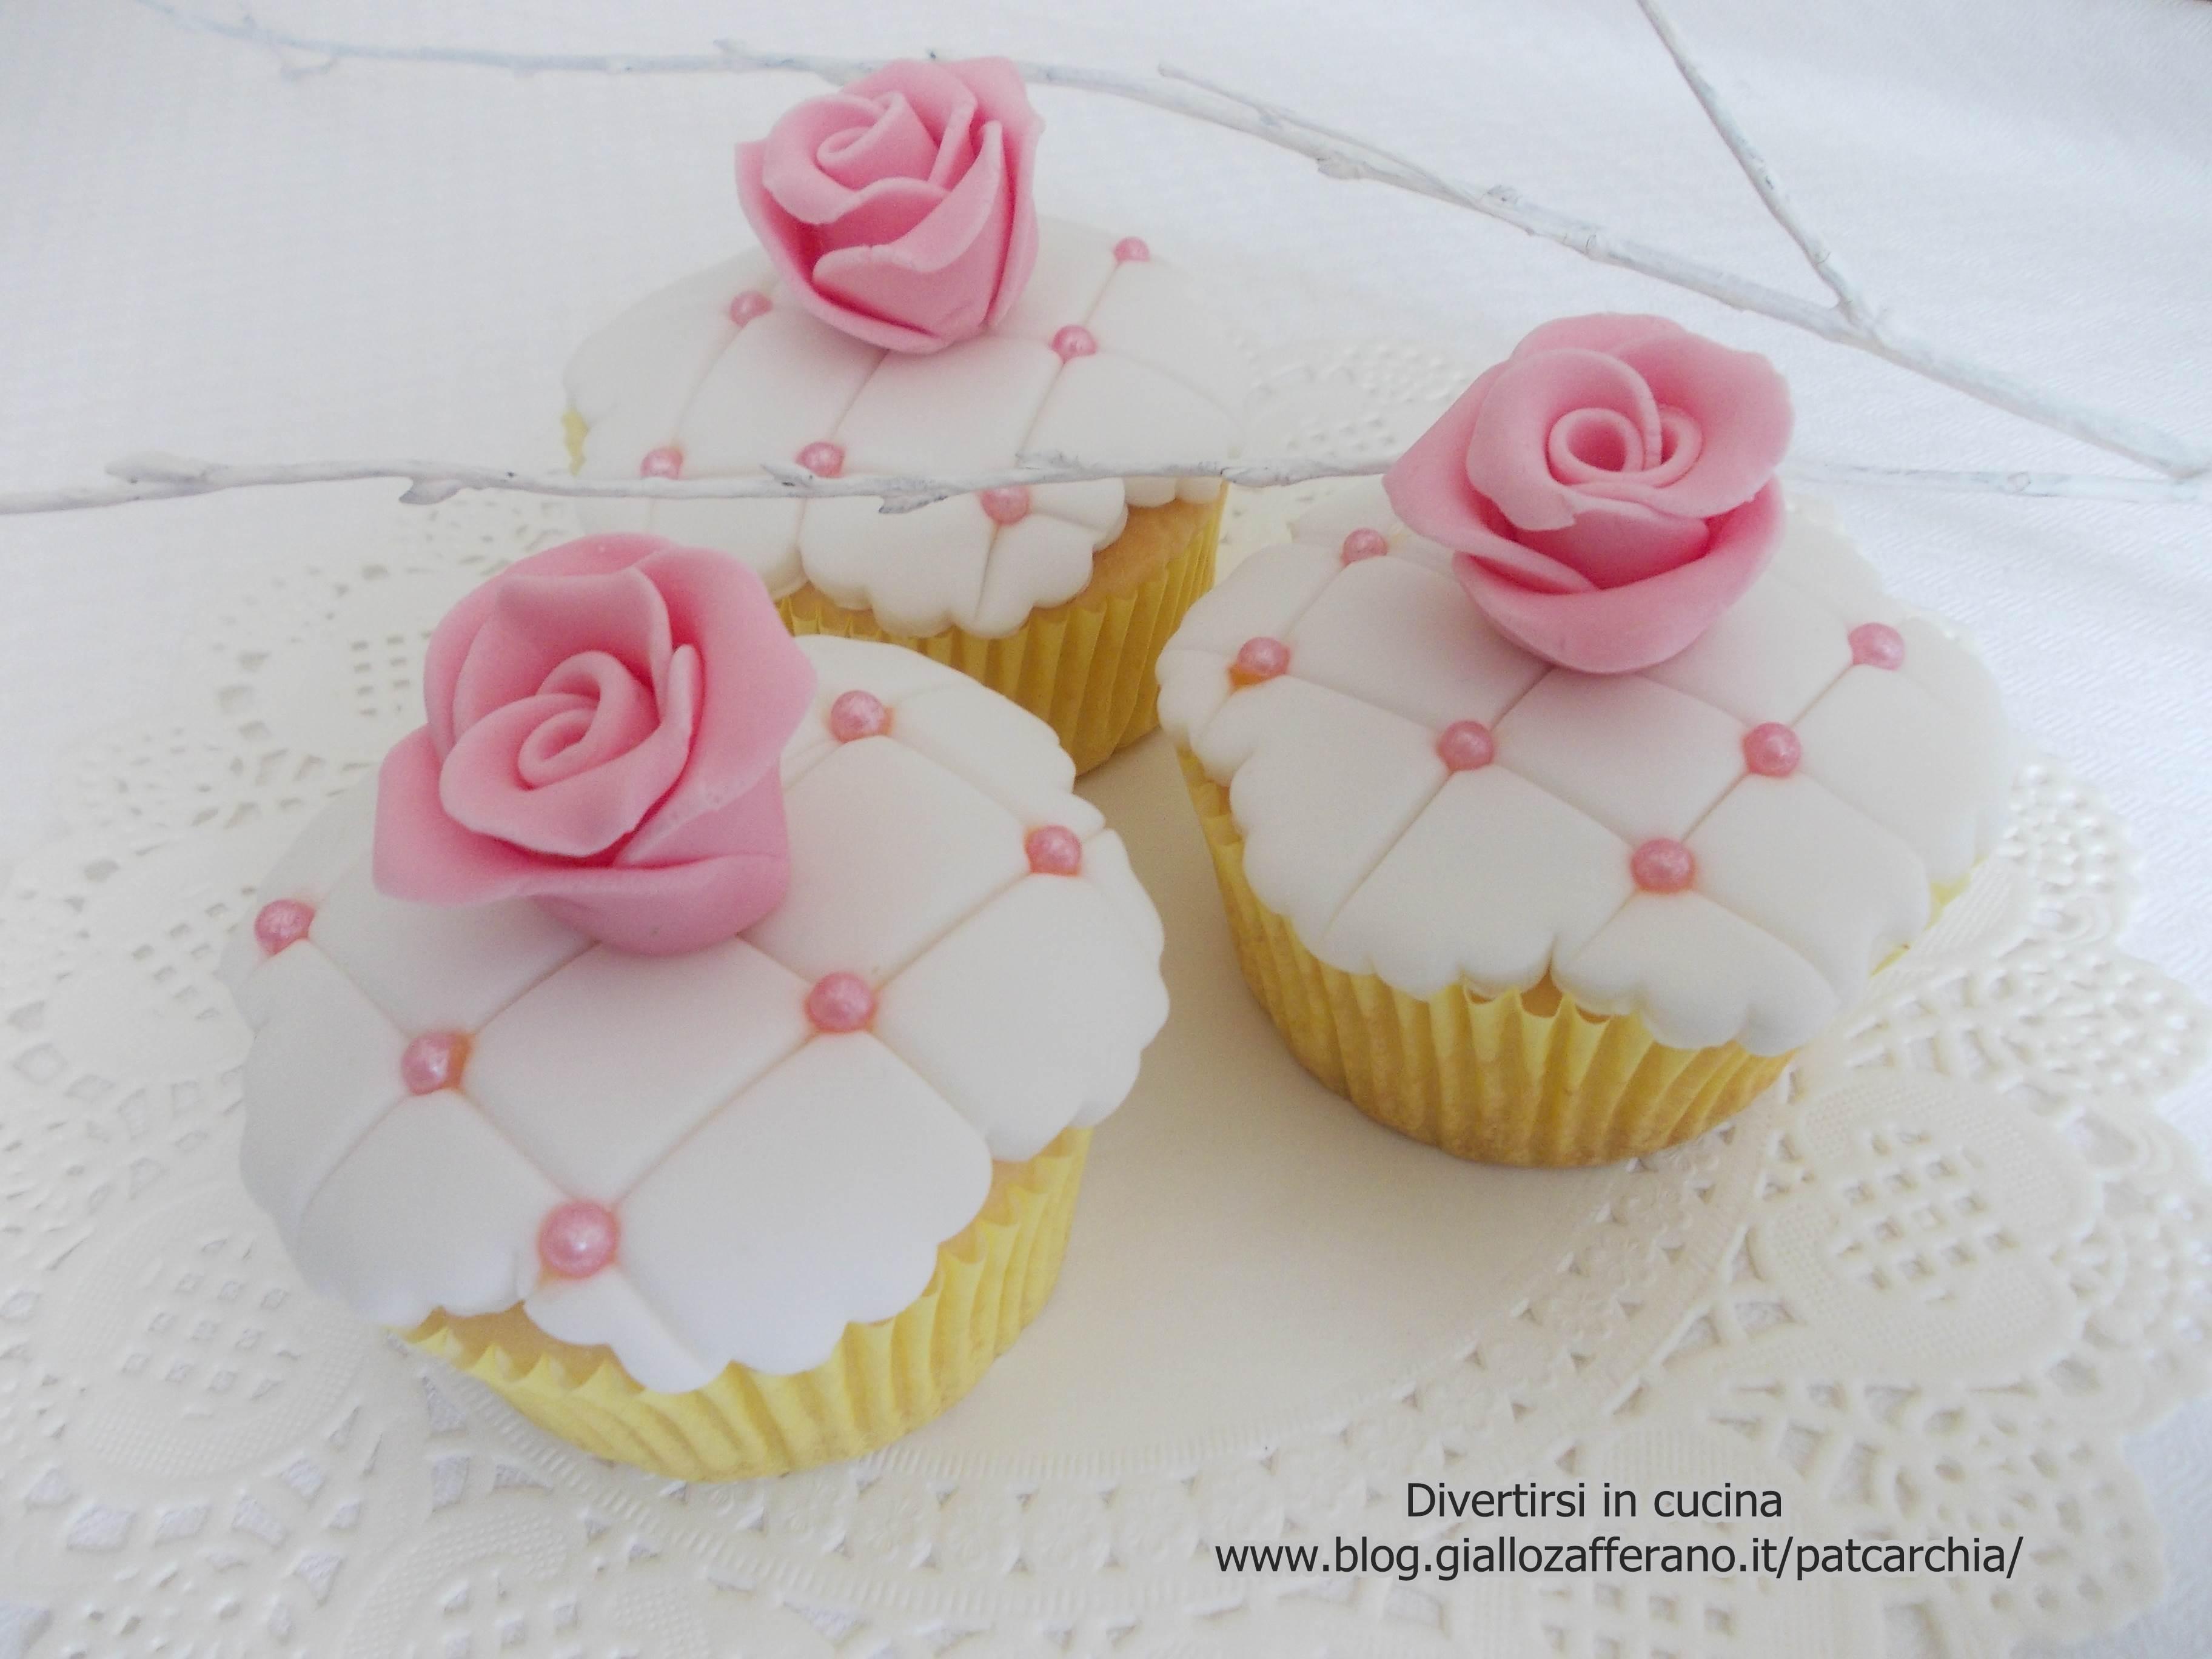 Muffin ricoperti con pasta di zucchero divertirsi in cucina for Pasta di zucchero decorazioni